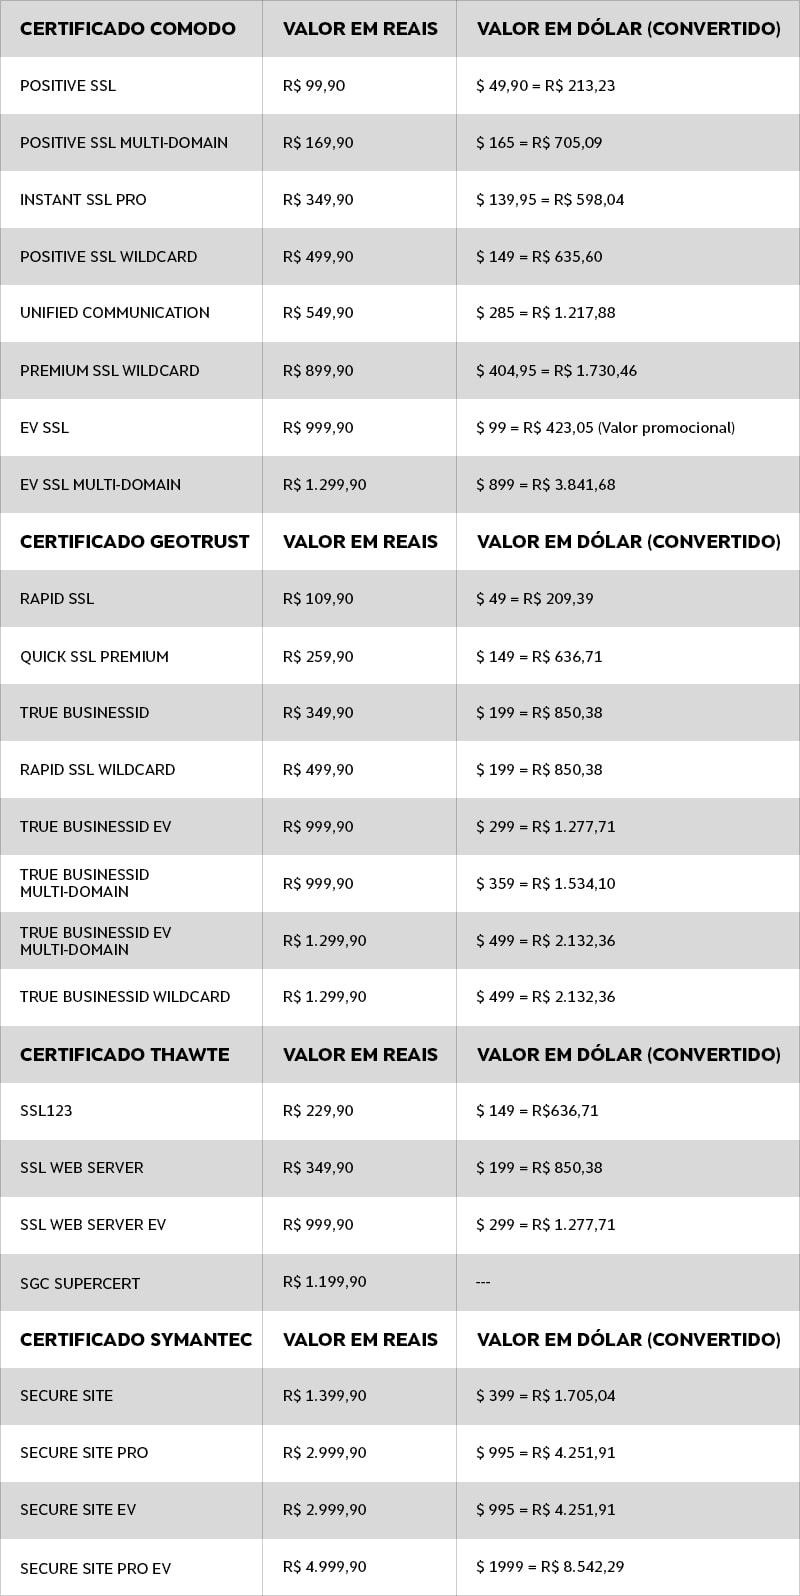 Tabela Certificado